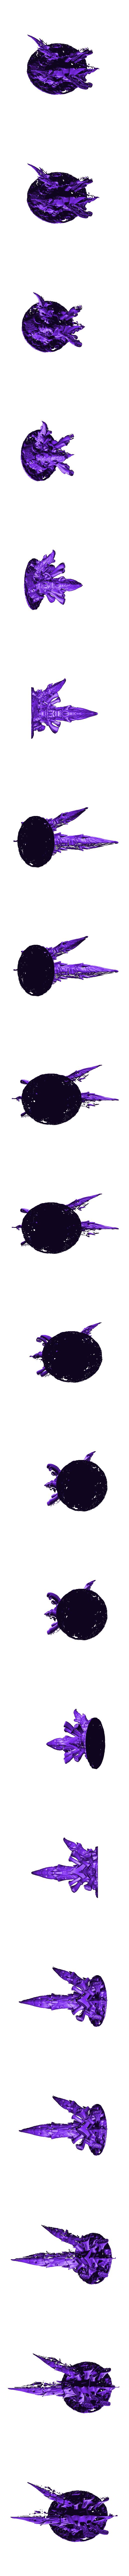 27 2o5.stl Télécharger fichier STL gratuit Tyty bug party terrain remix Part 2 Free 3D print model • Modèle imprimable en 3D, Alario